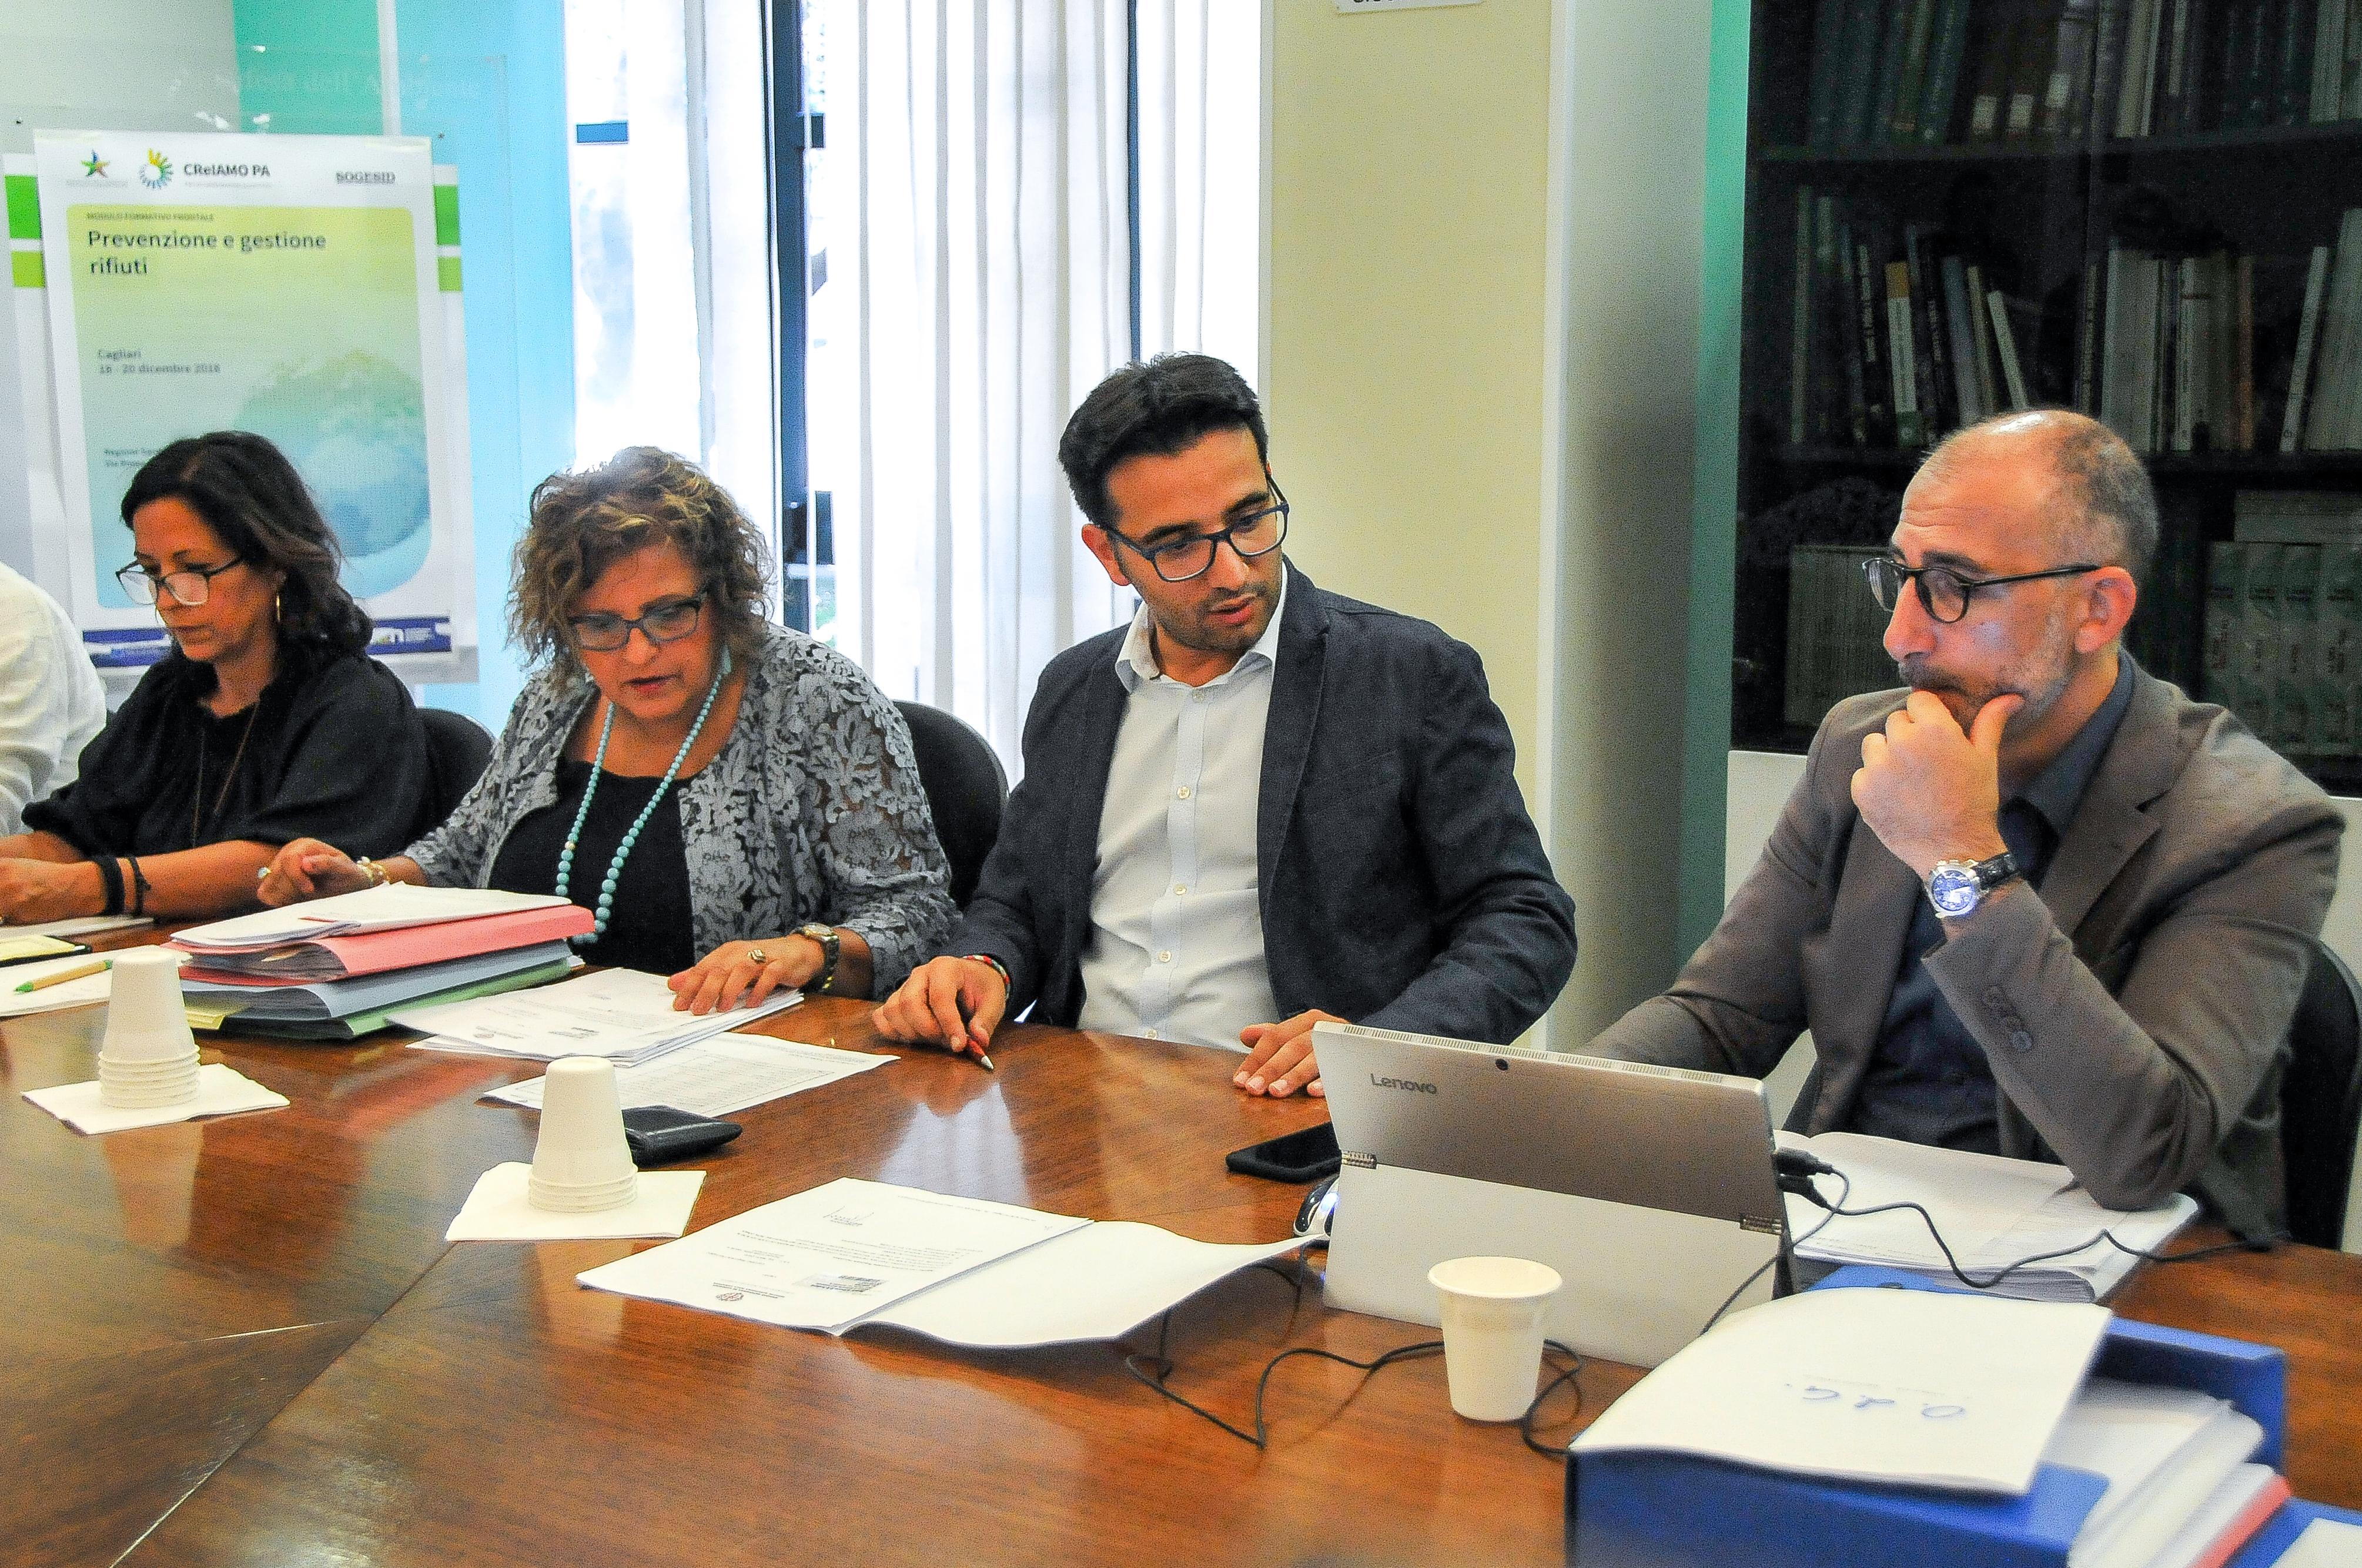 Calendario Venatorio Sardegna.Presentato Il Calendario Venatorio Alghero News